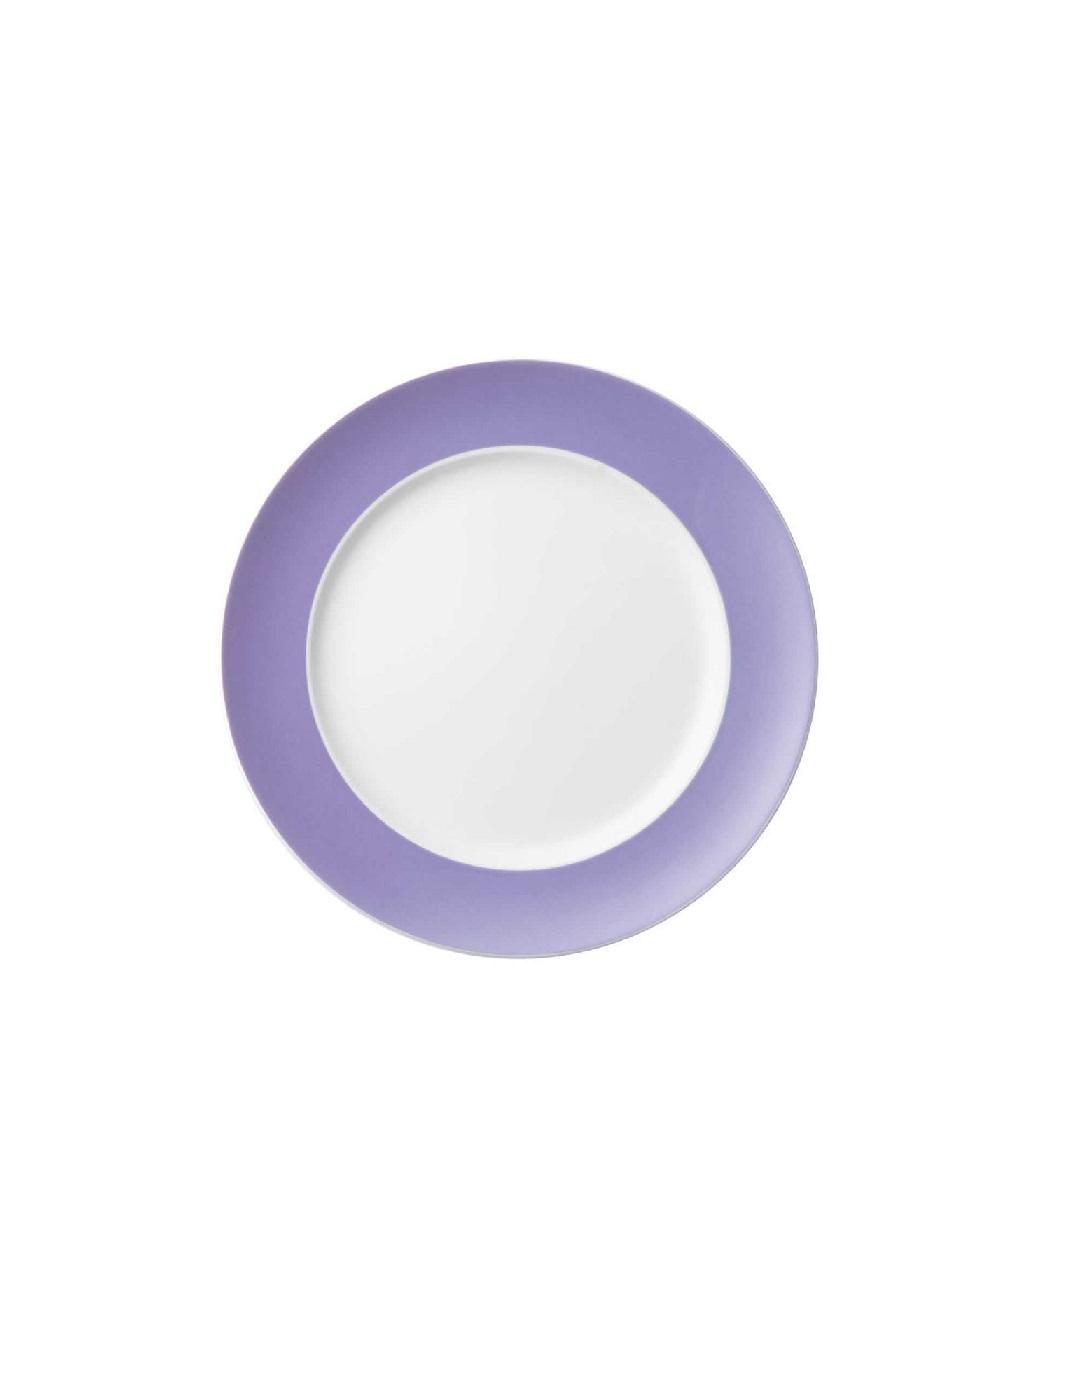 Тарелка основная Rosenthal SUNNY DAY, диаметр 27 см, фиолетовый Rosenthal 10850-408531-10227 фото 1